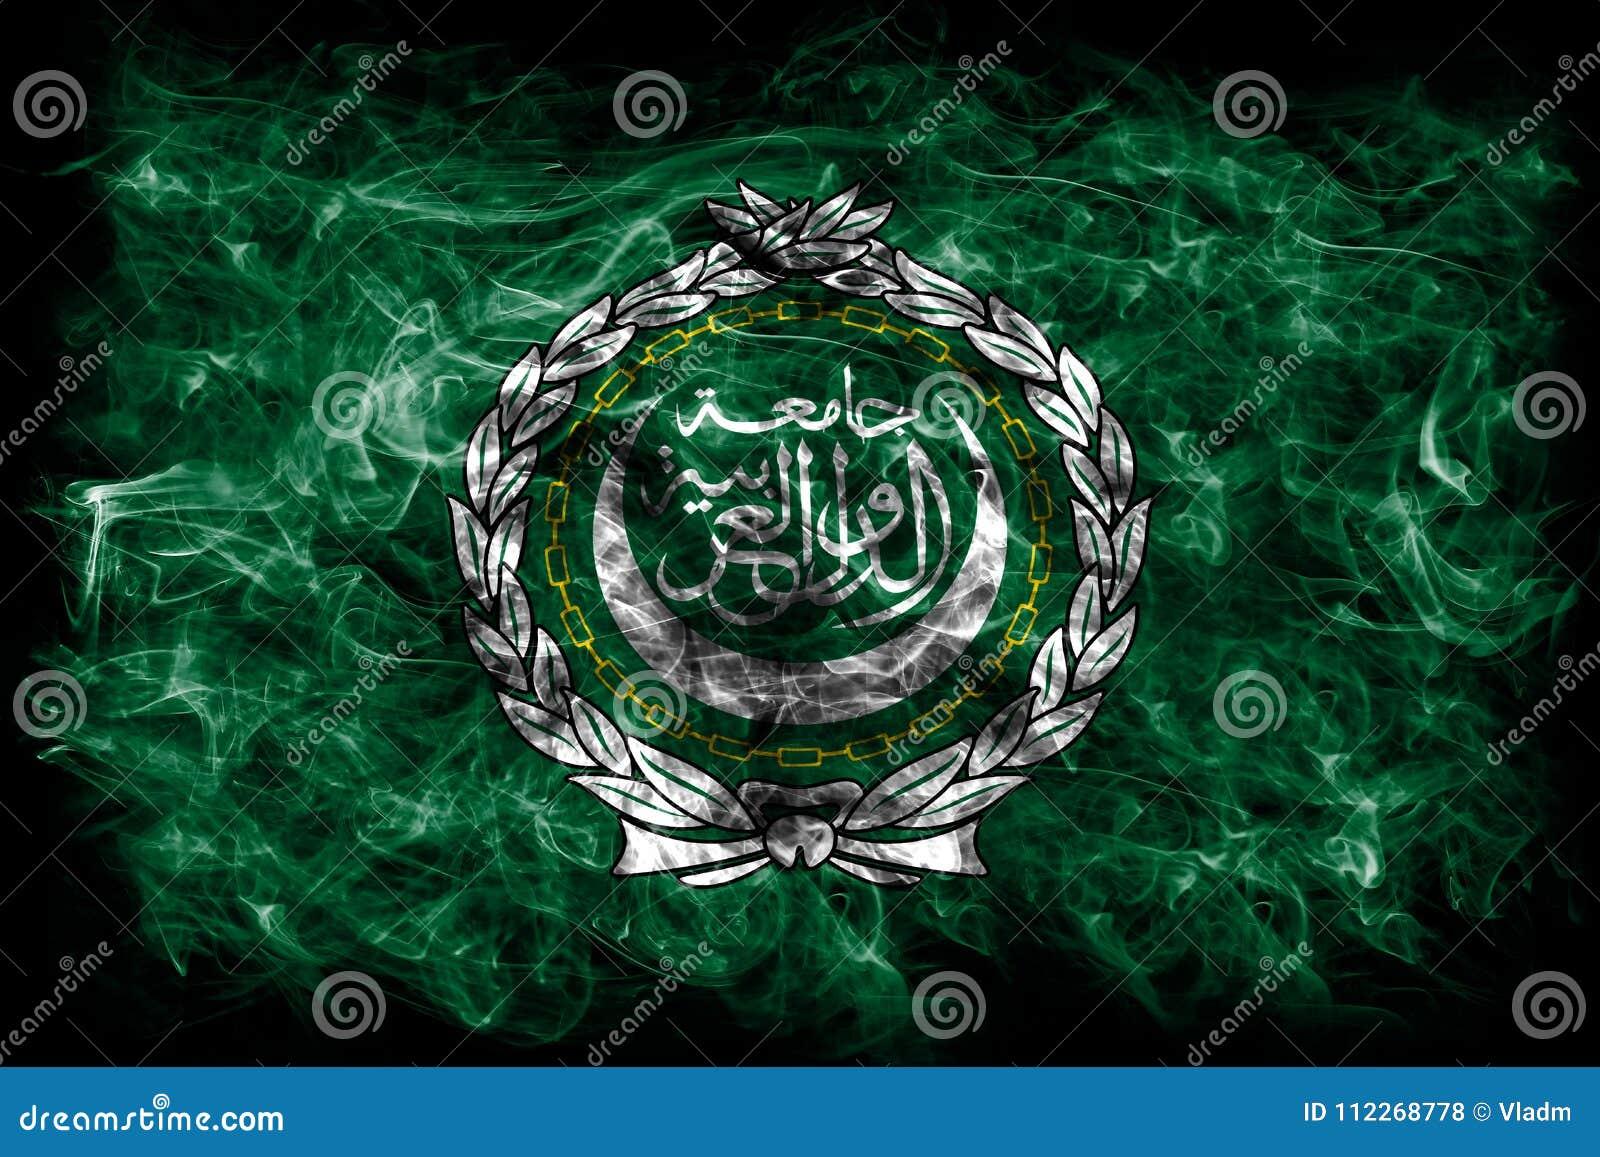 Arab League smoke flag, regional organization of Arab states